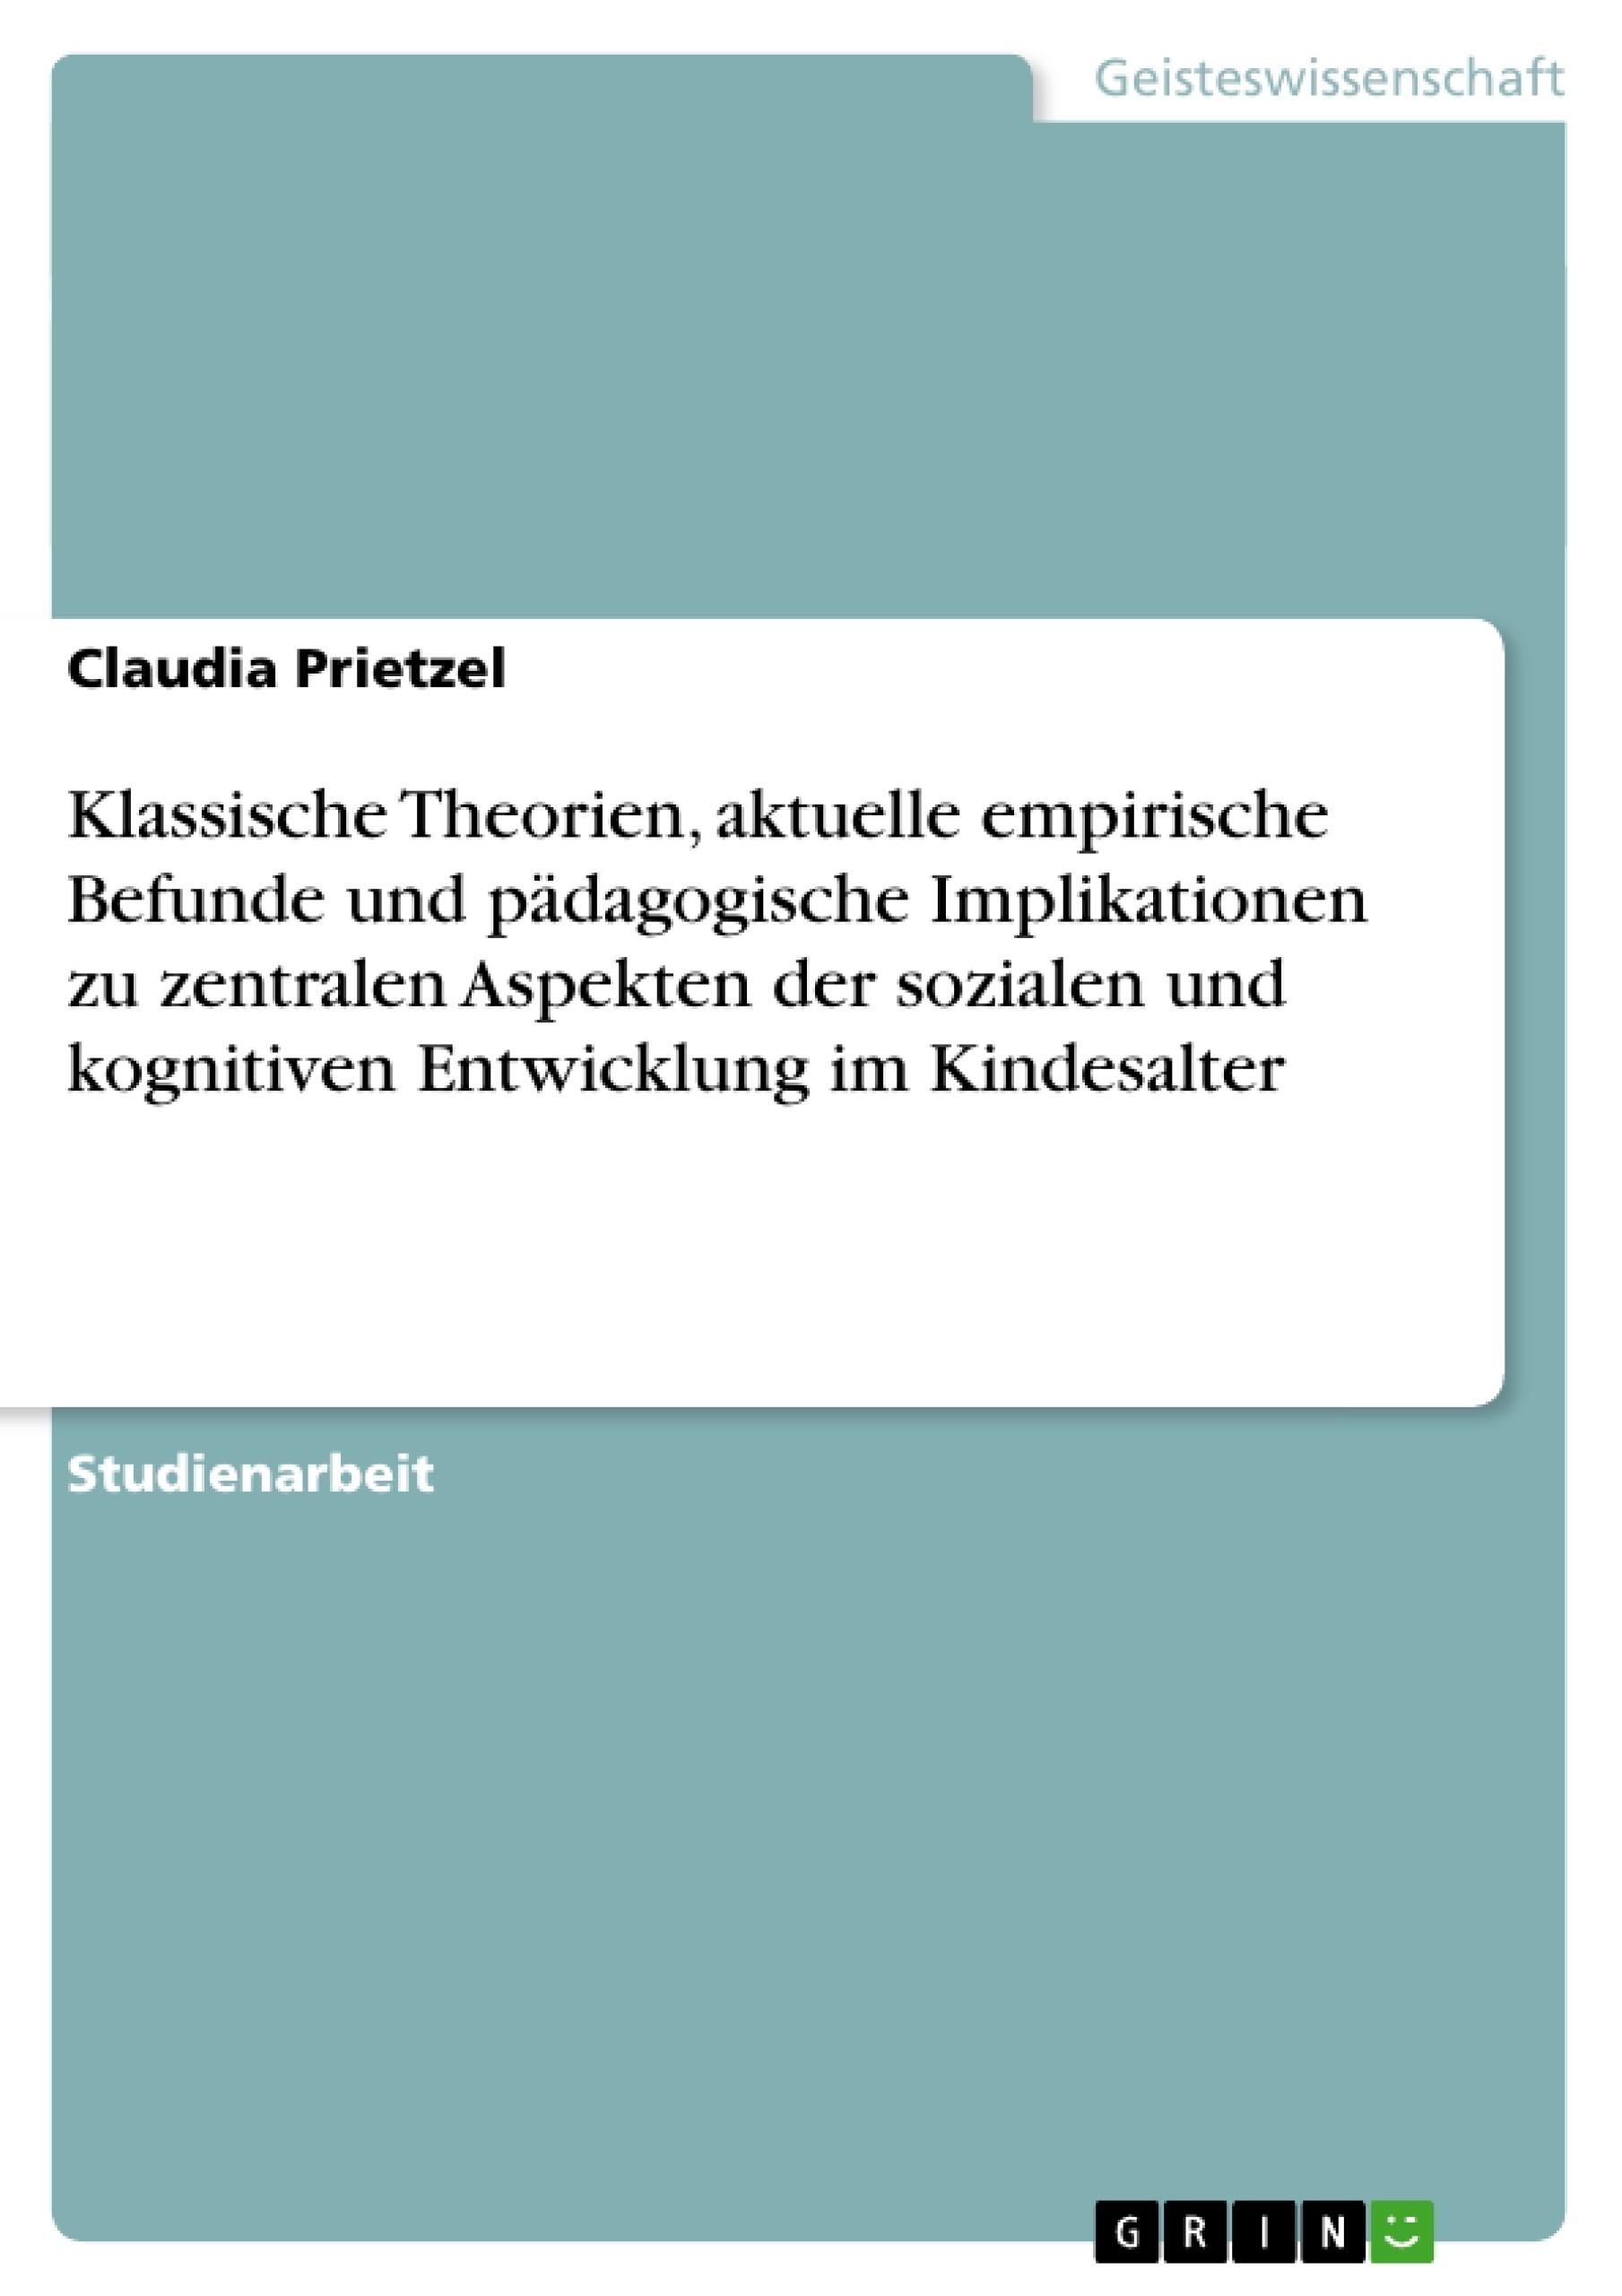 Titel: Klassische Theorien, aktuelle empirische Befunde und pädagogische Implikationen zu zentralen Aspekten der sozialen und kognitiven Entwicklung im Kindesalter